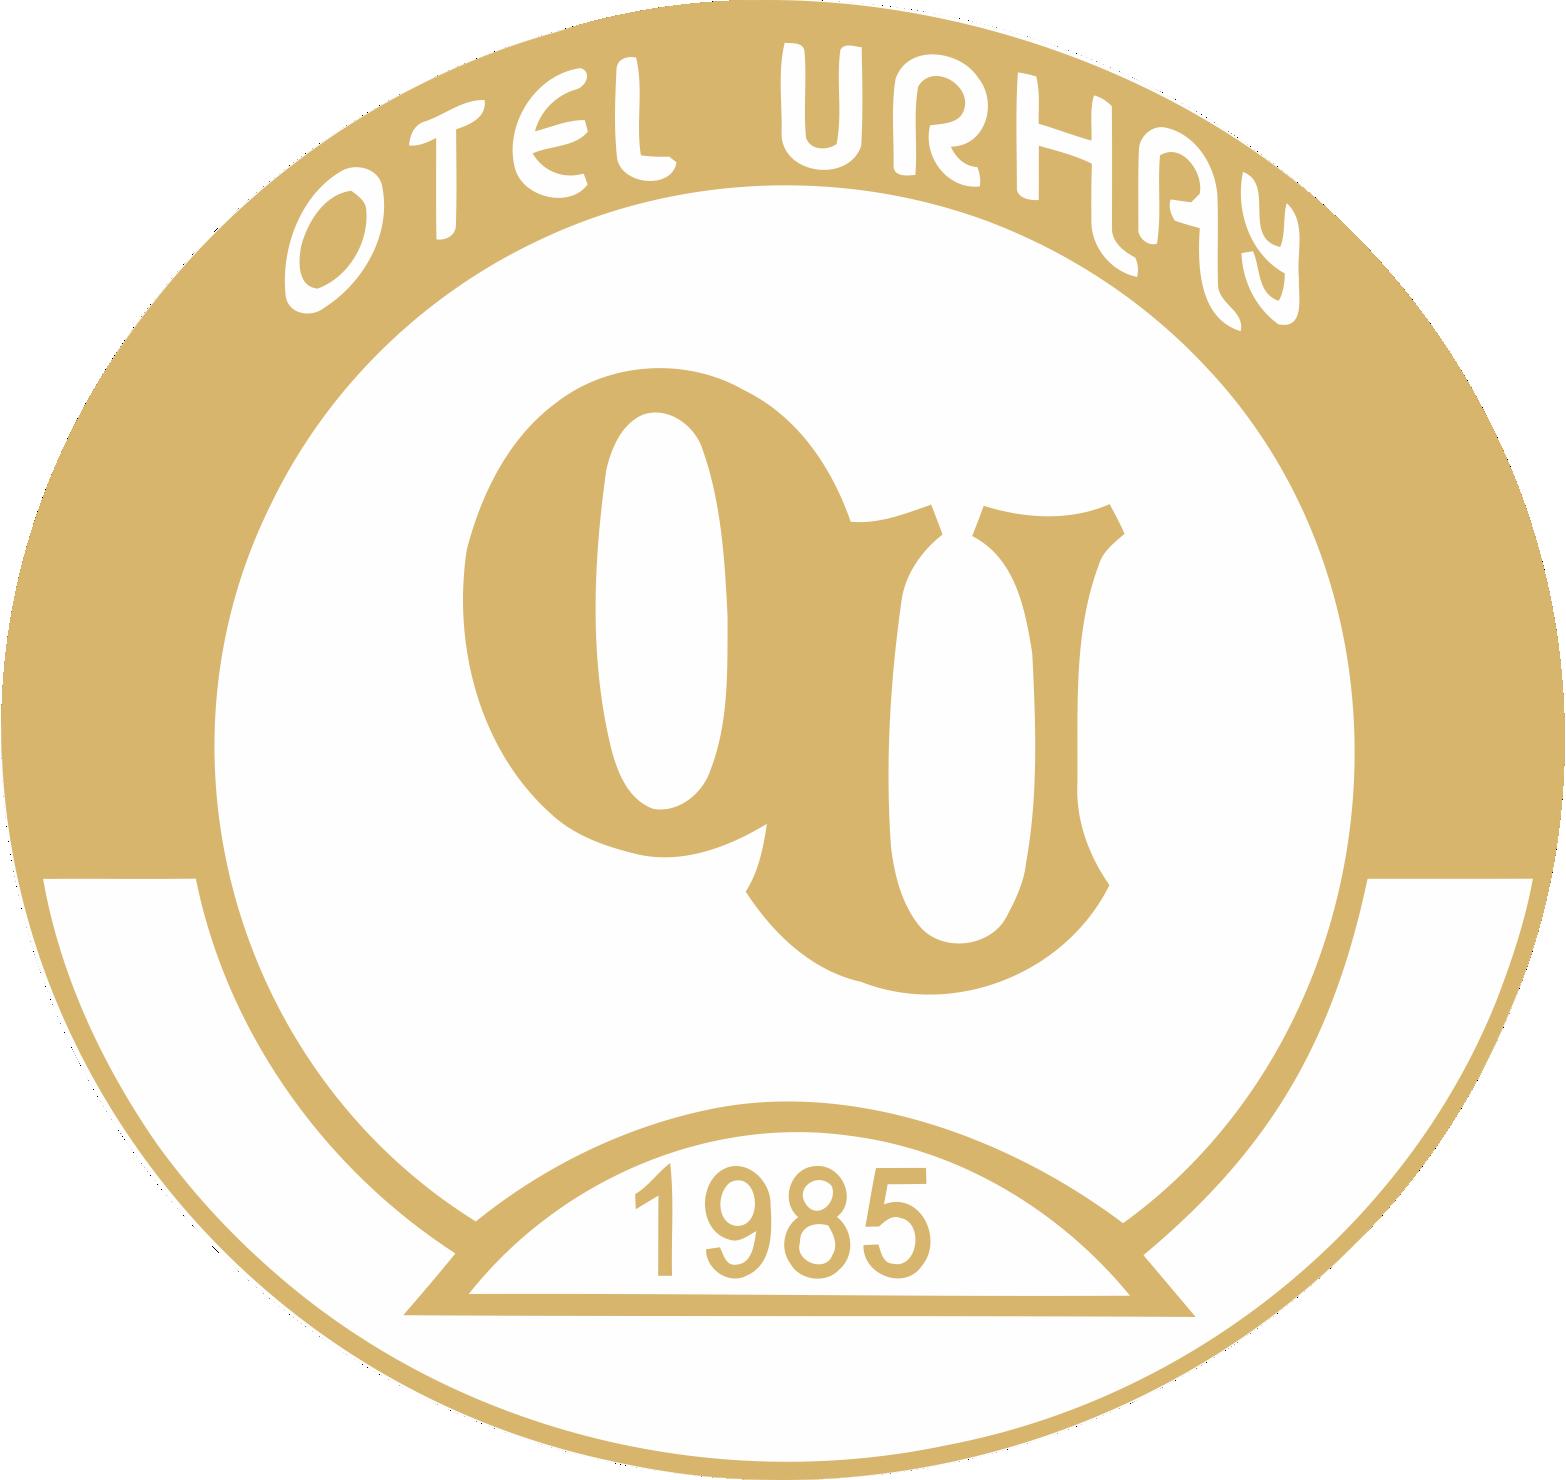 otel urhay logo